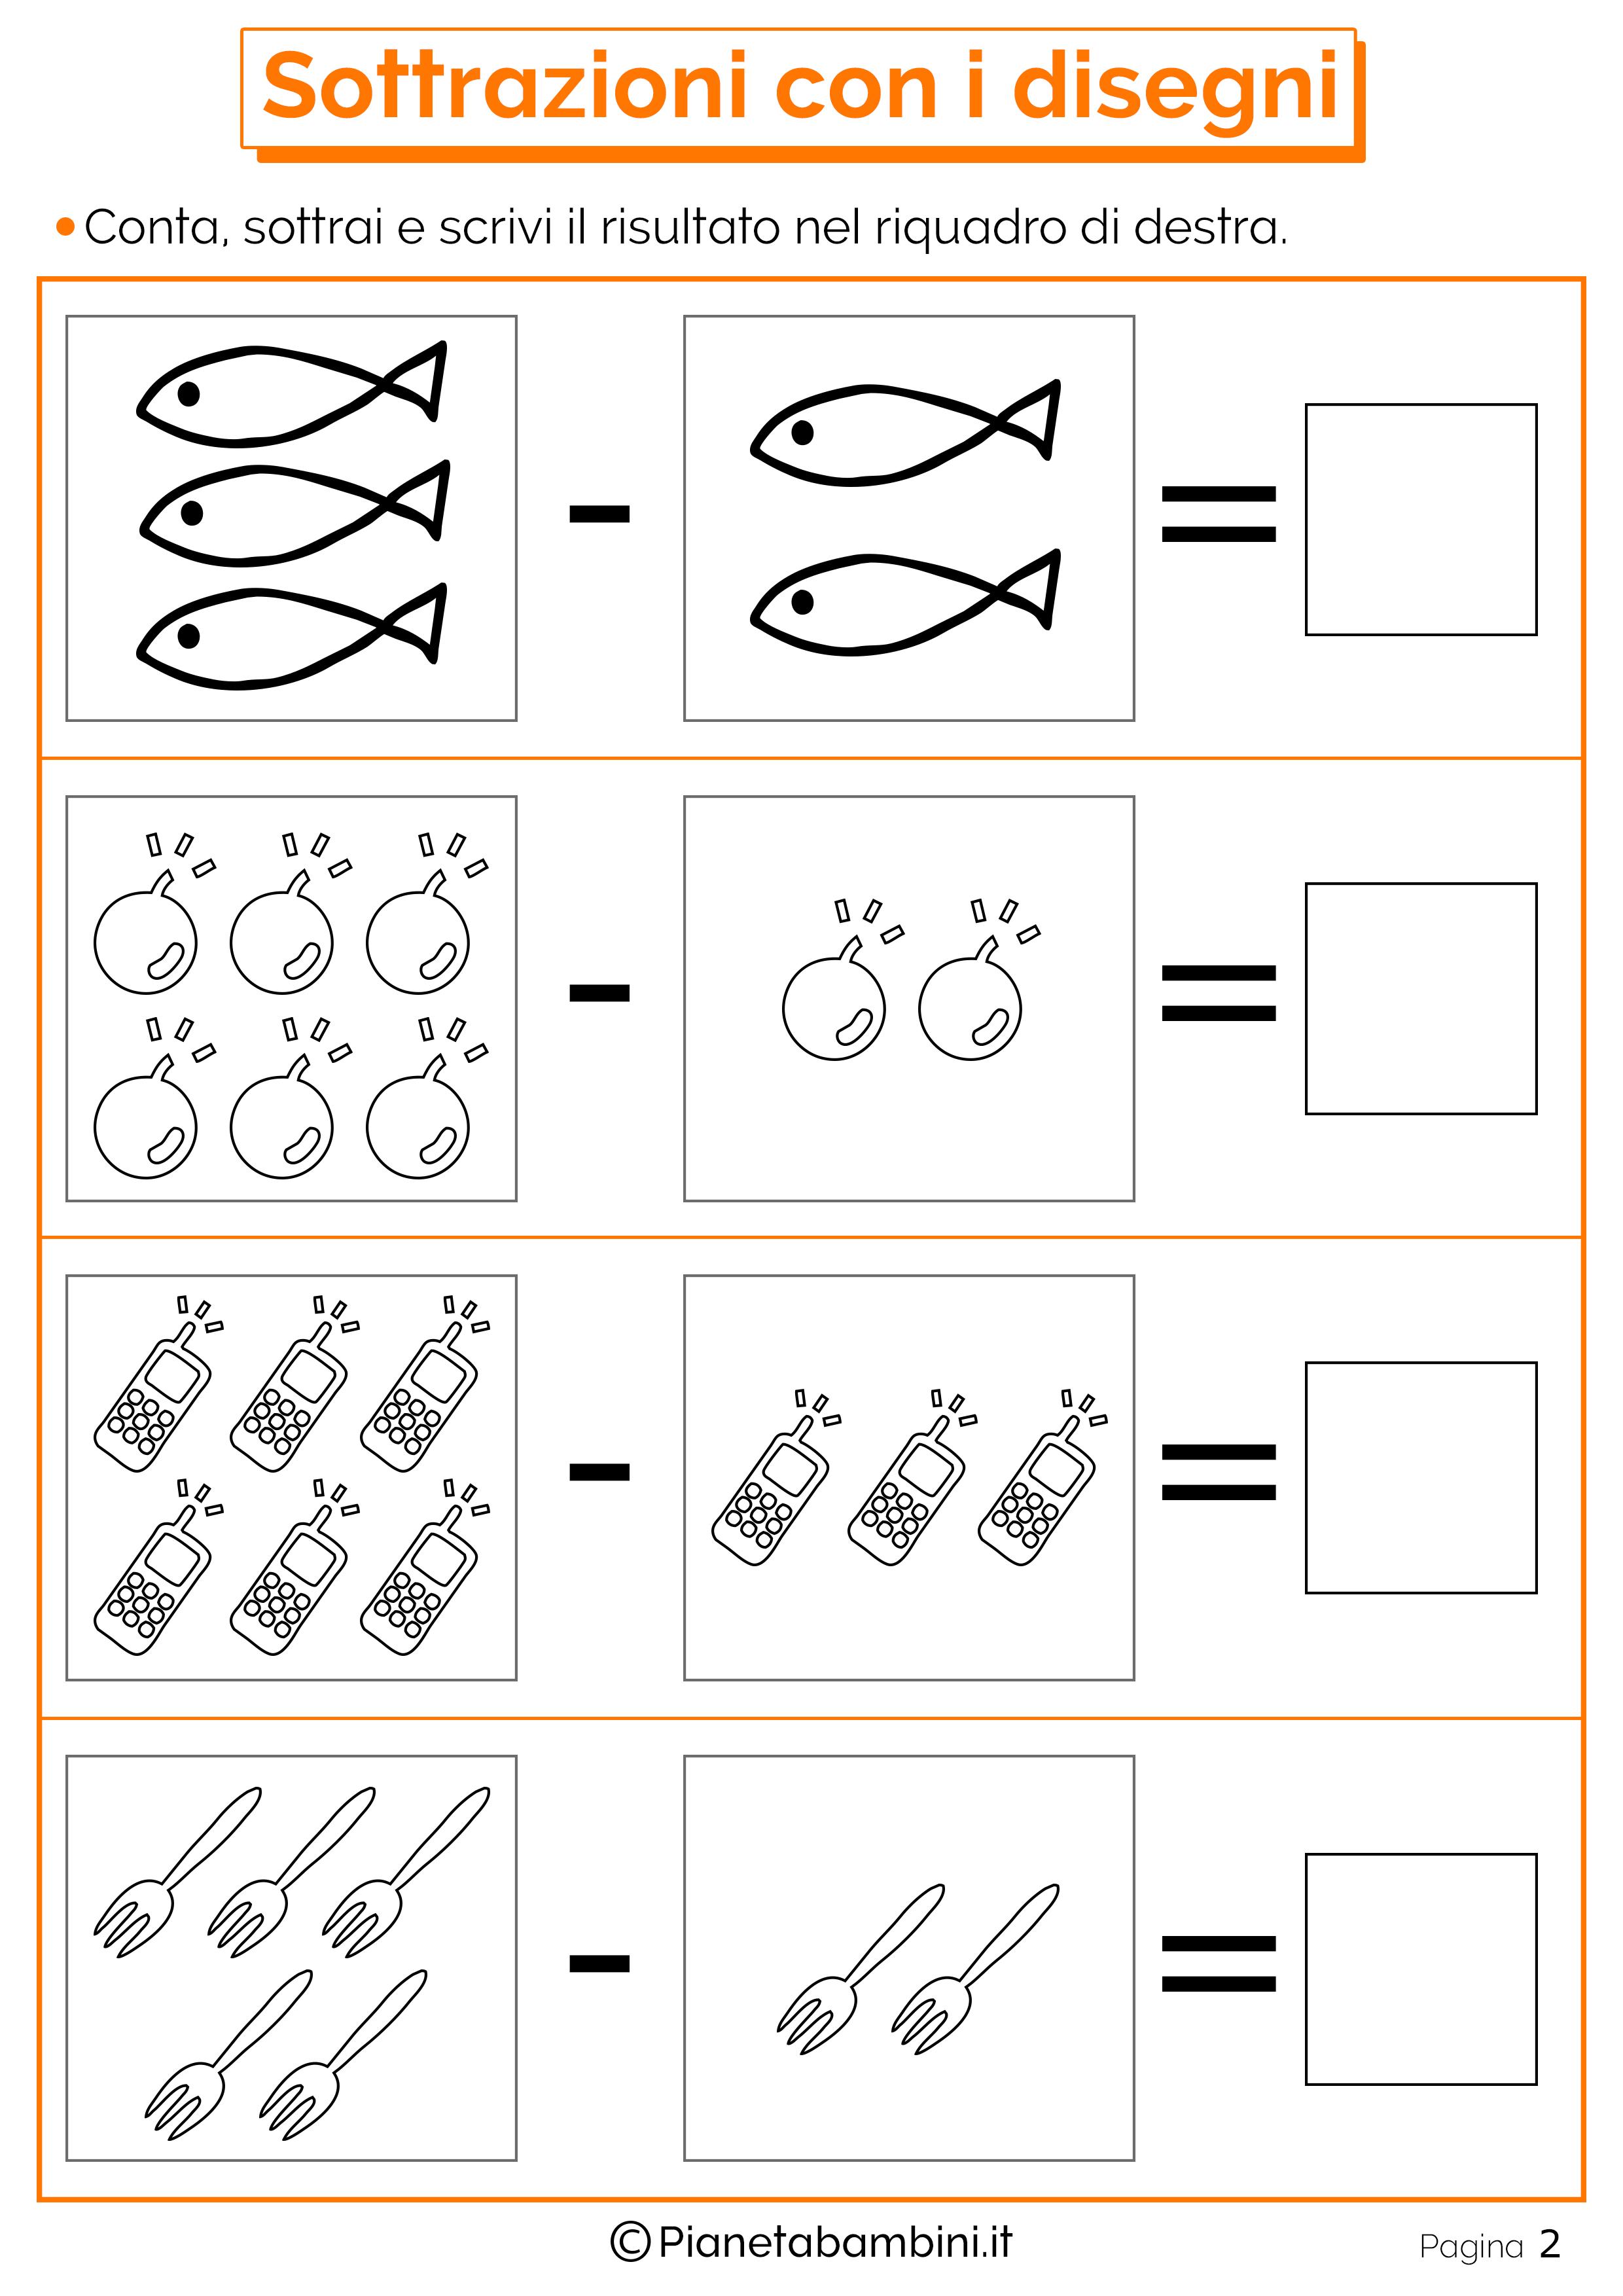 Sottrazioni-Disegni_2